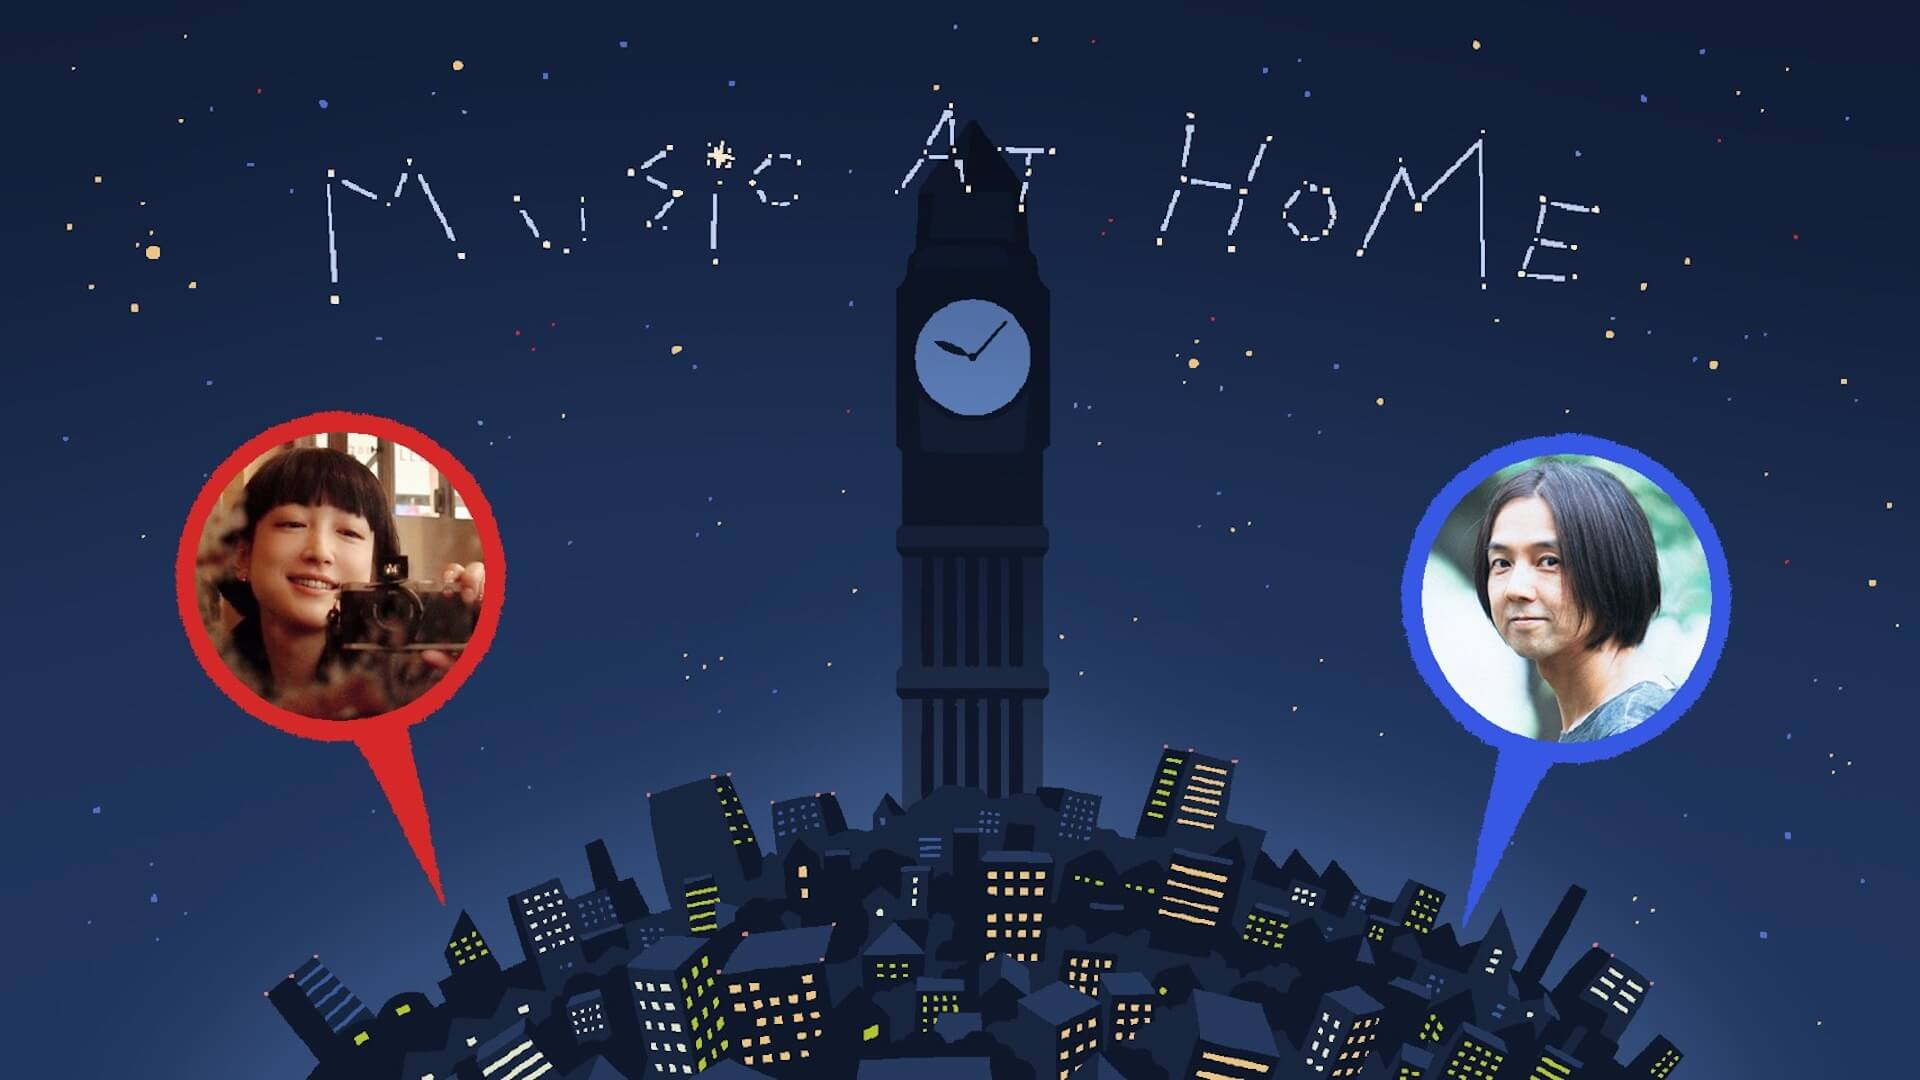 ミュージシャンが自宅で撮りおろした映像をライブストリーミング!『新生音楽 MUSIC AT HOME』に曽我部恵一、七尾旅人、折坂悠太ら14名が参加 music200410_musicathome_1